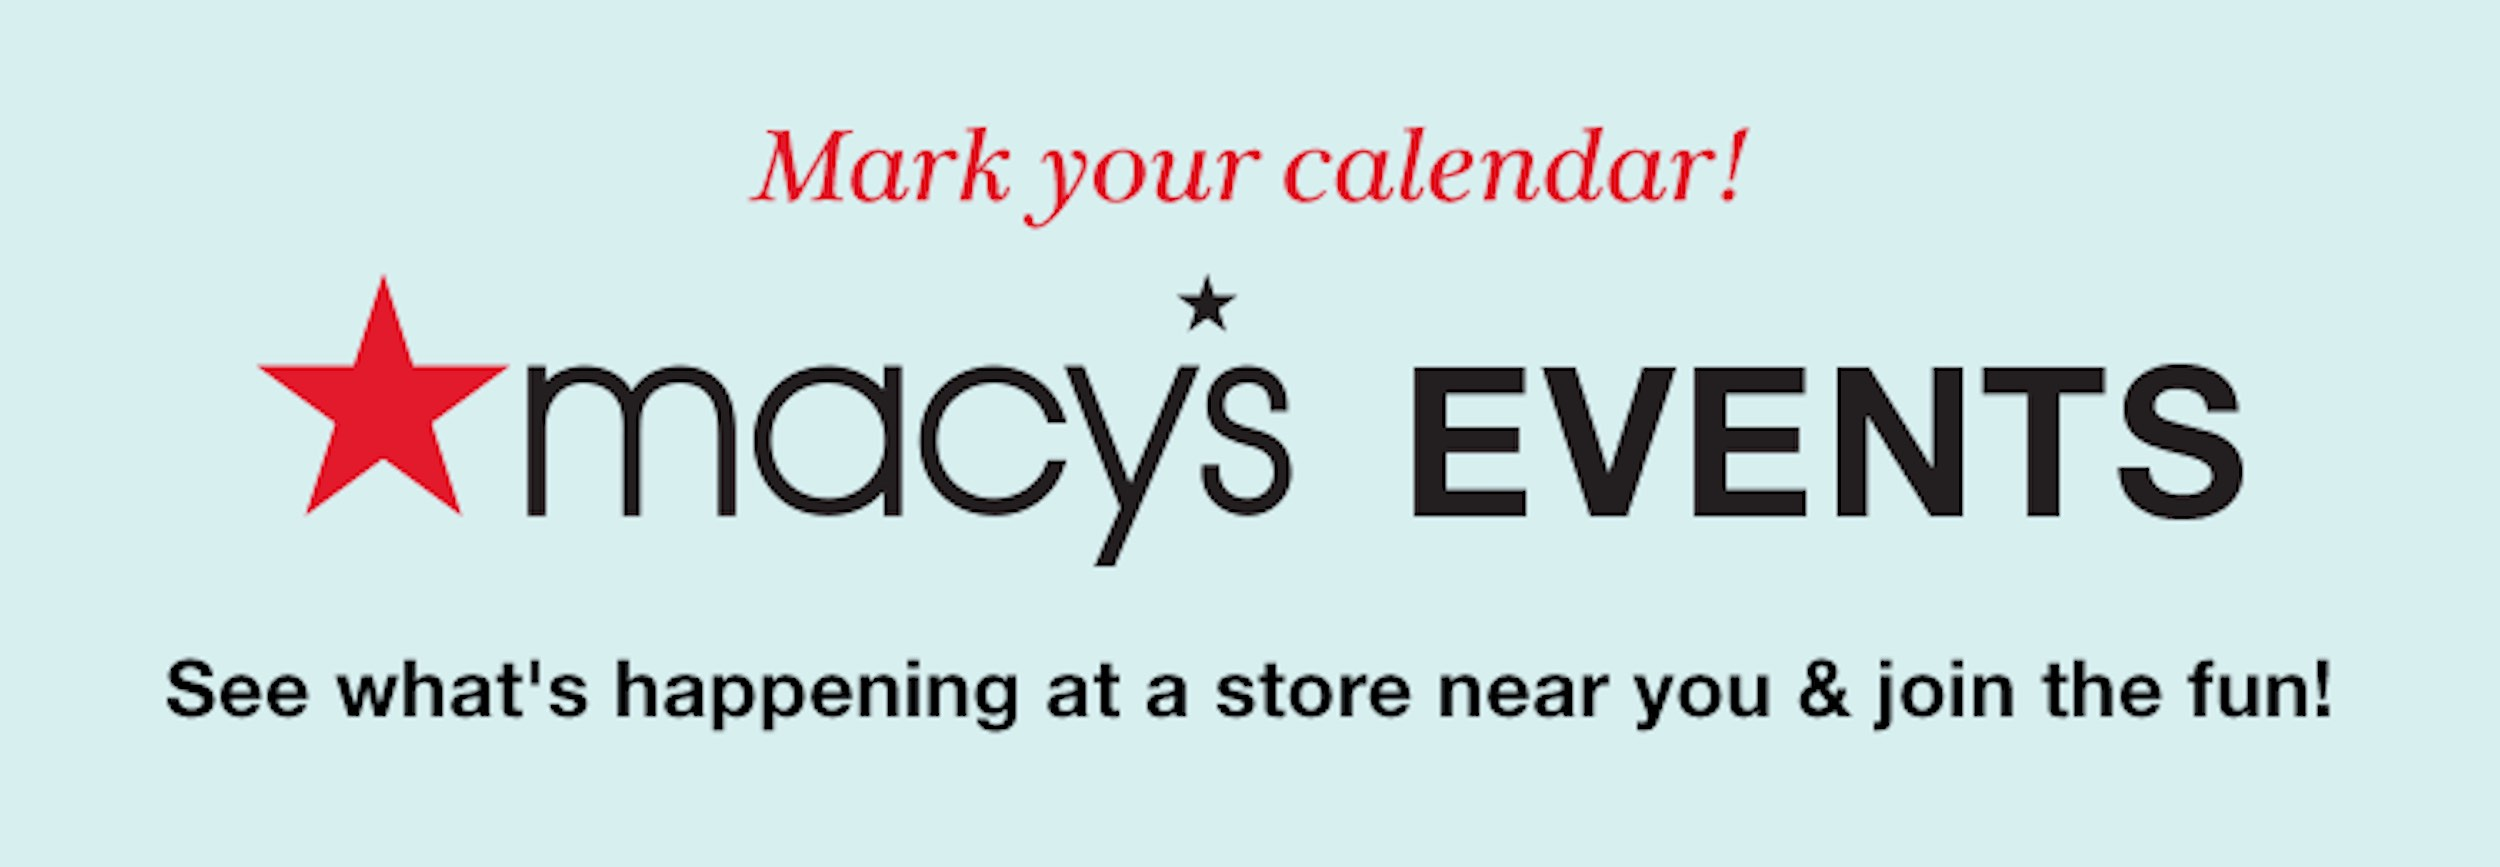 Macys shop now